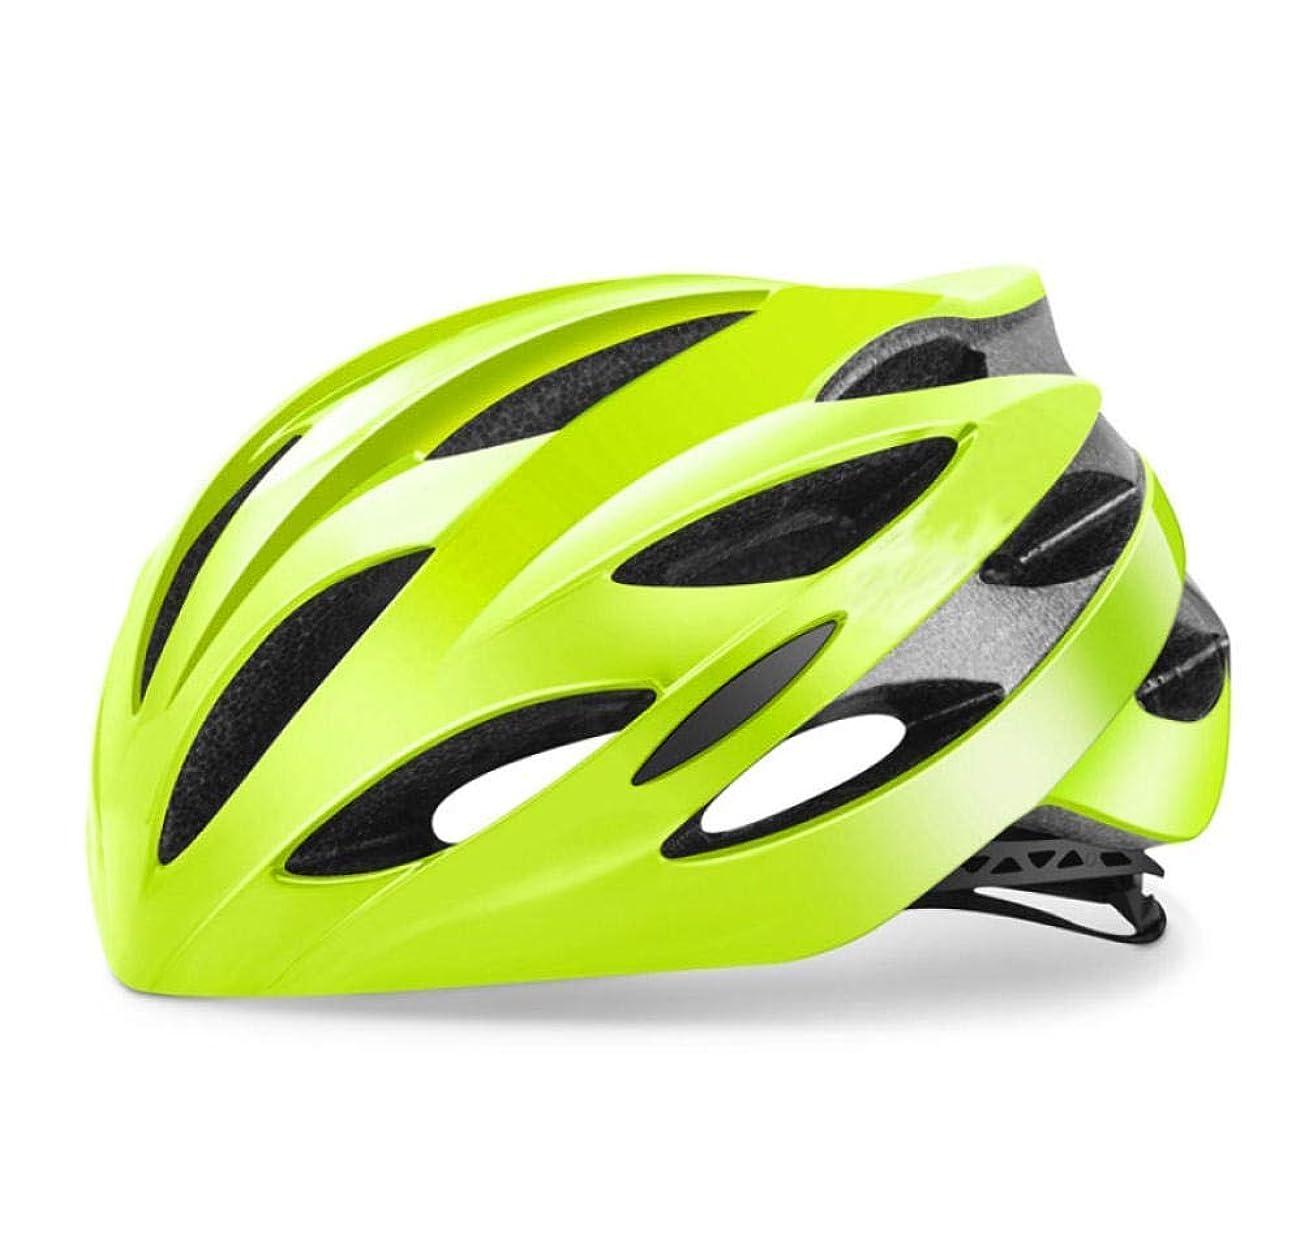 うれしいあたり不快なJF-XUAN ヘルメット, ヘルメット自転車サイクリング超軽量サイクリングヘルメットエアーベント通気性のバイクヘルメットマウンテンロード自転車ヘルメットCascosサイクリング機器グリーン55Cmx61Cm